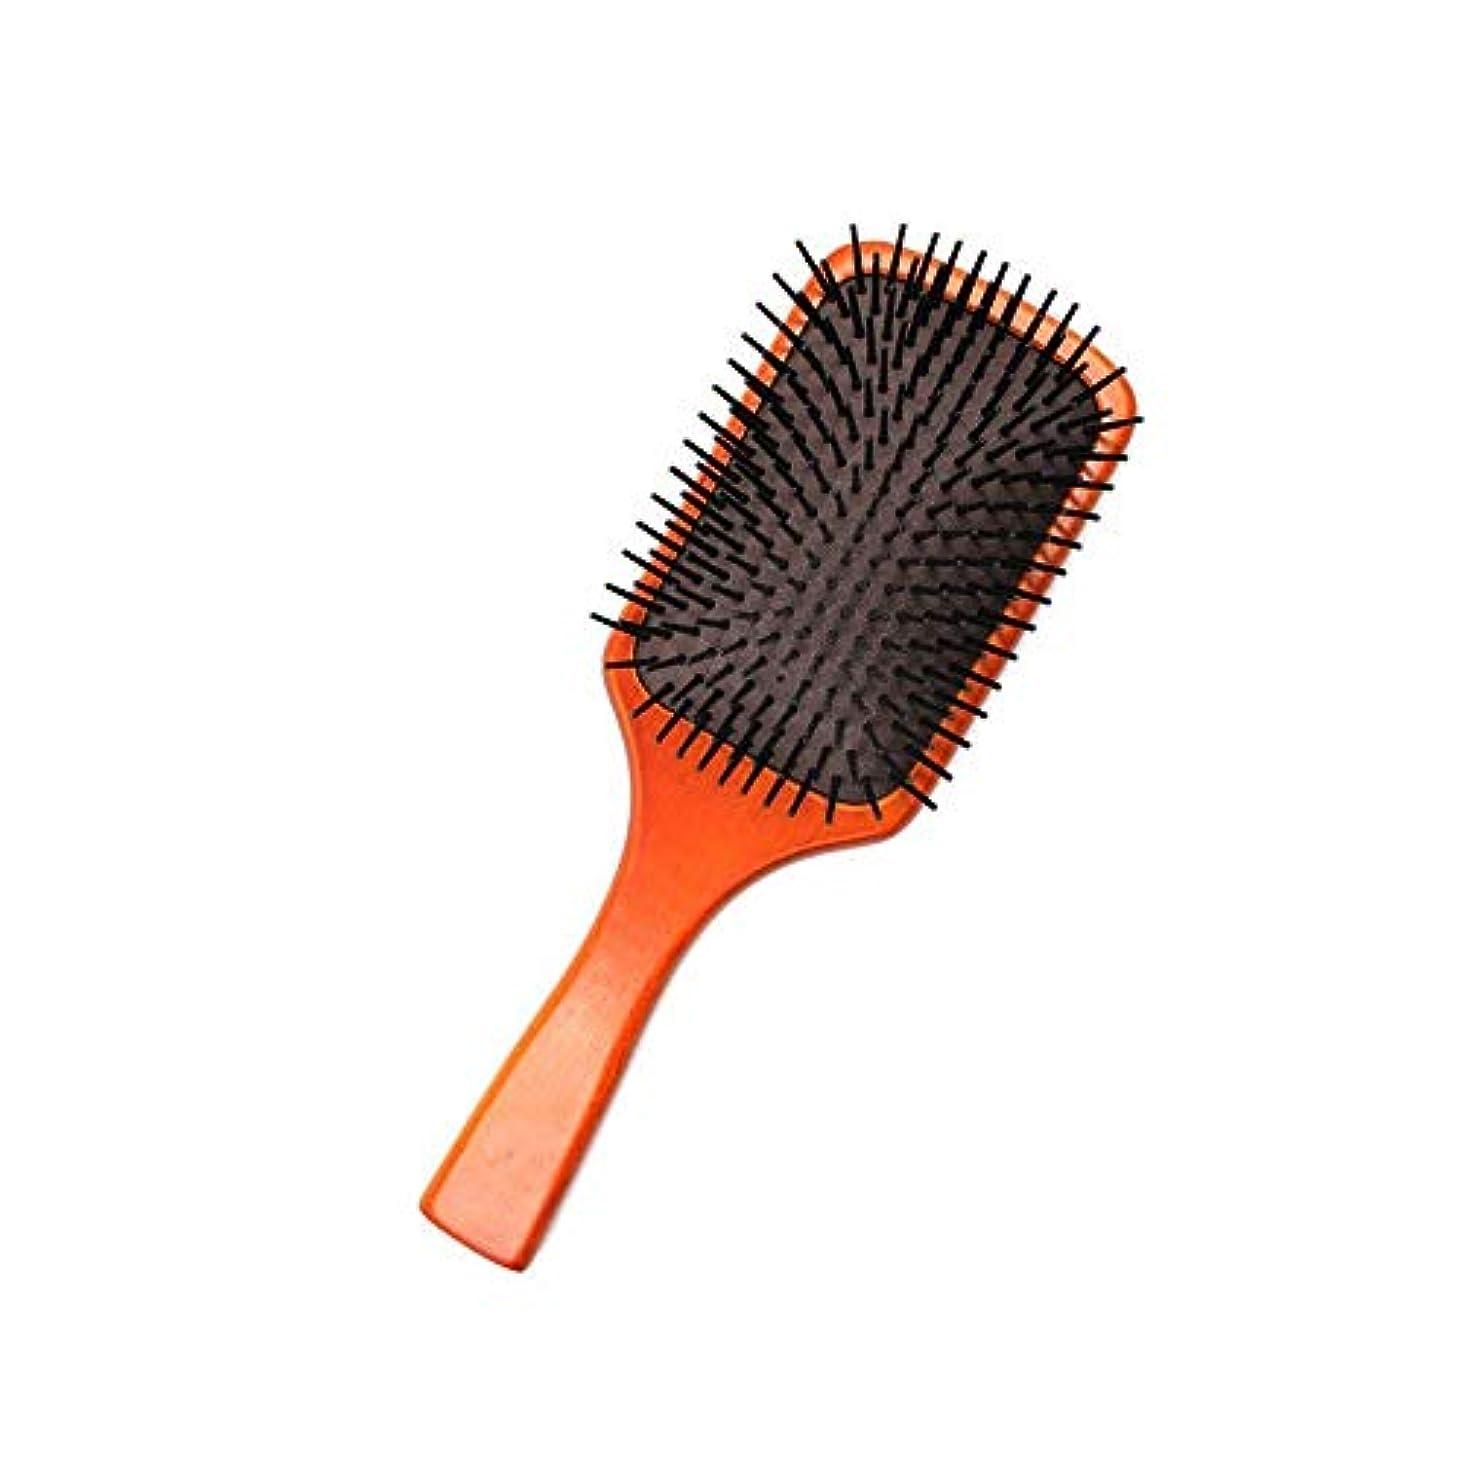 第ツール記念碑的なZYDP 帯電防止木の毛のブラシのマッサージの櫛のブラシ (色 : Photo color)